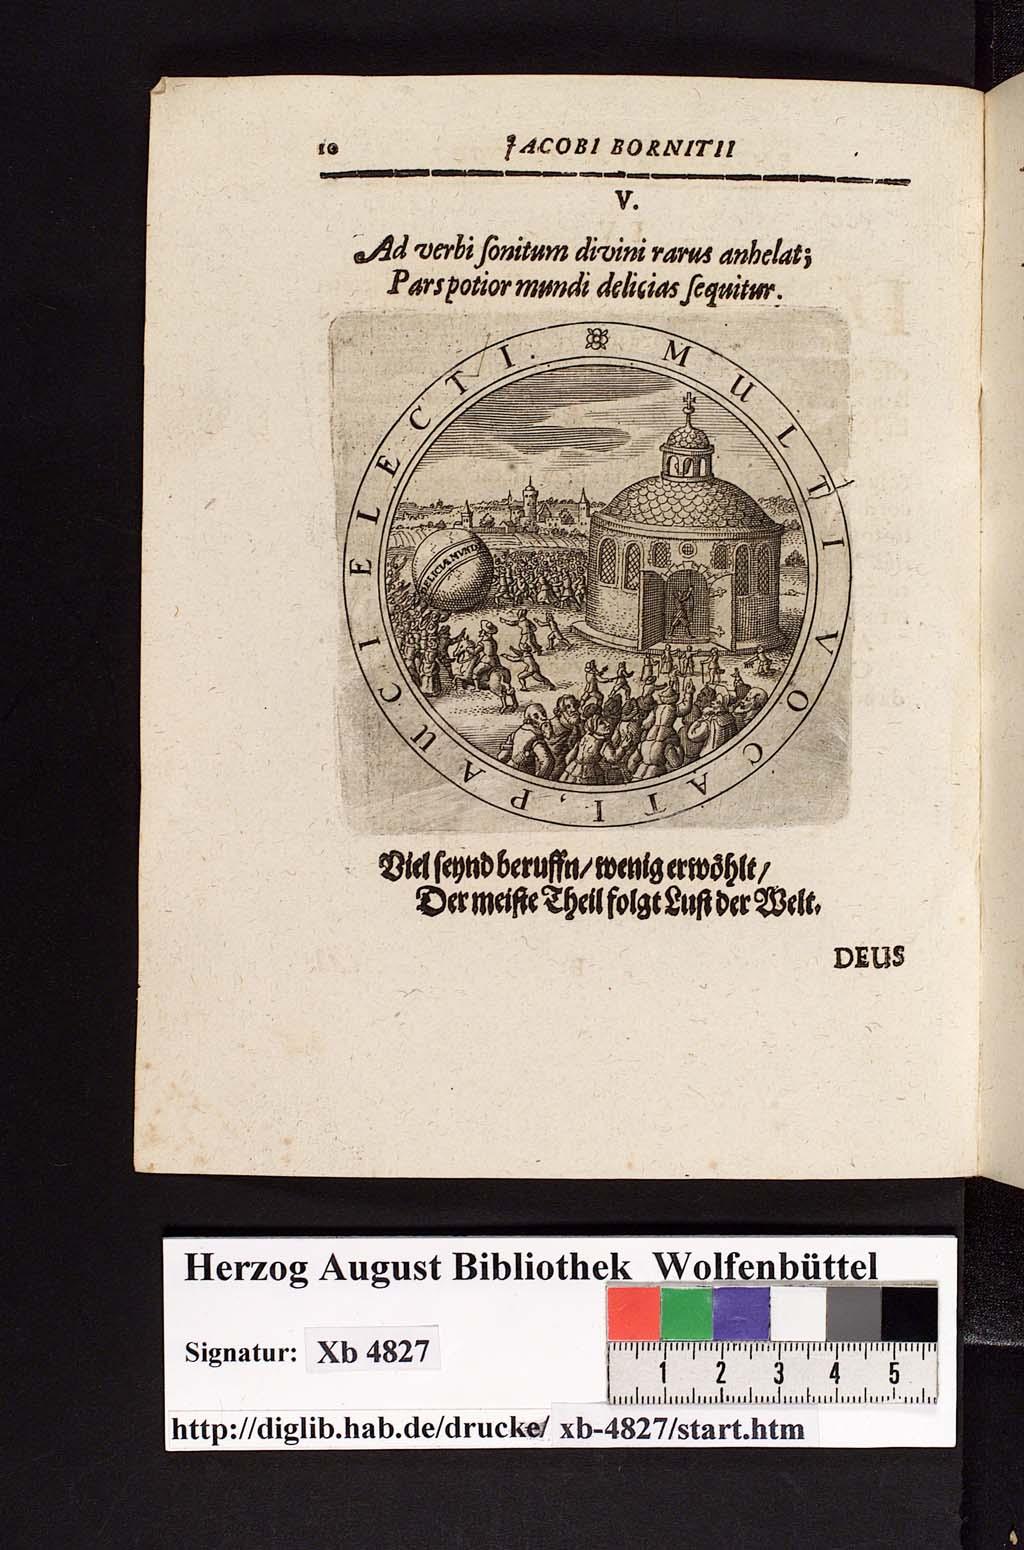 http://diglib.hab.de/drucke/xb-4827/00013.jpg